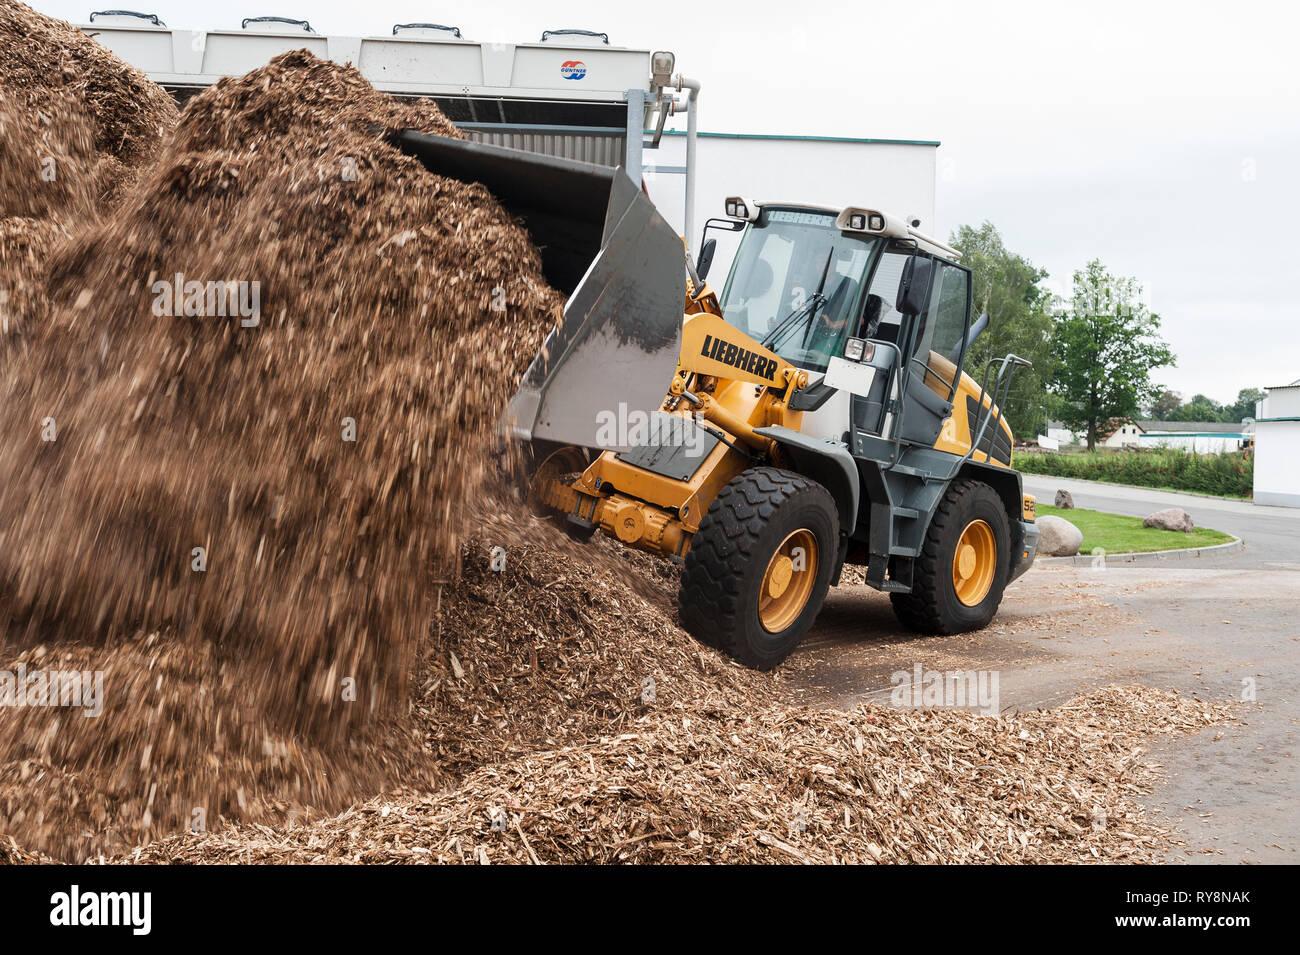 Bulldozer moving saw dust - Stock Image